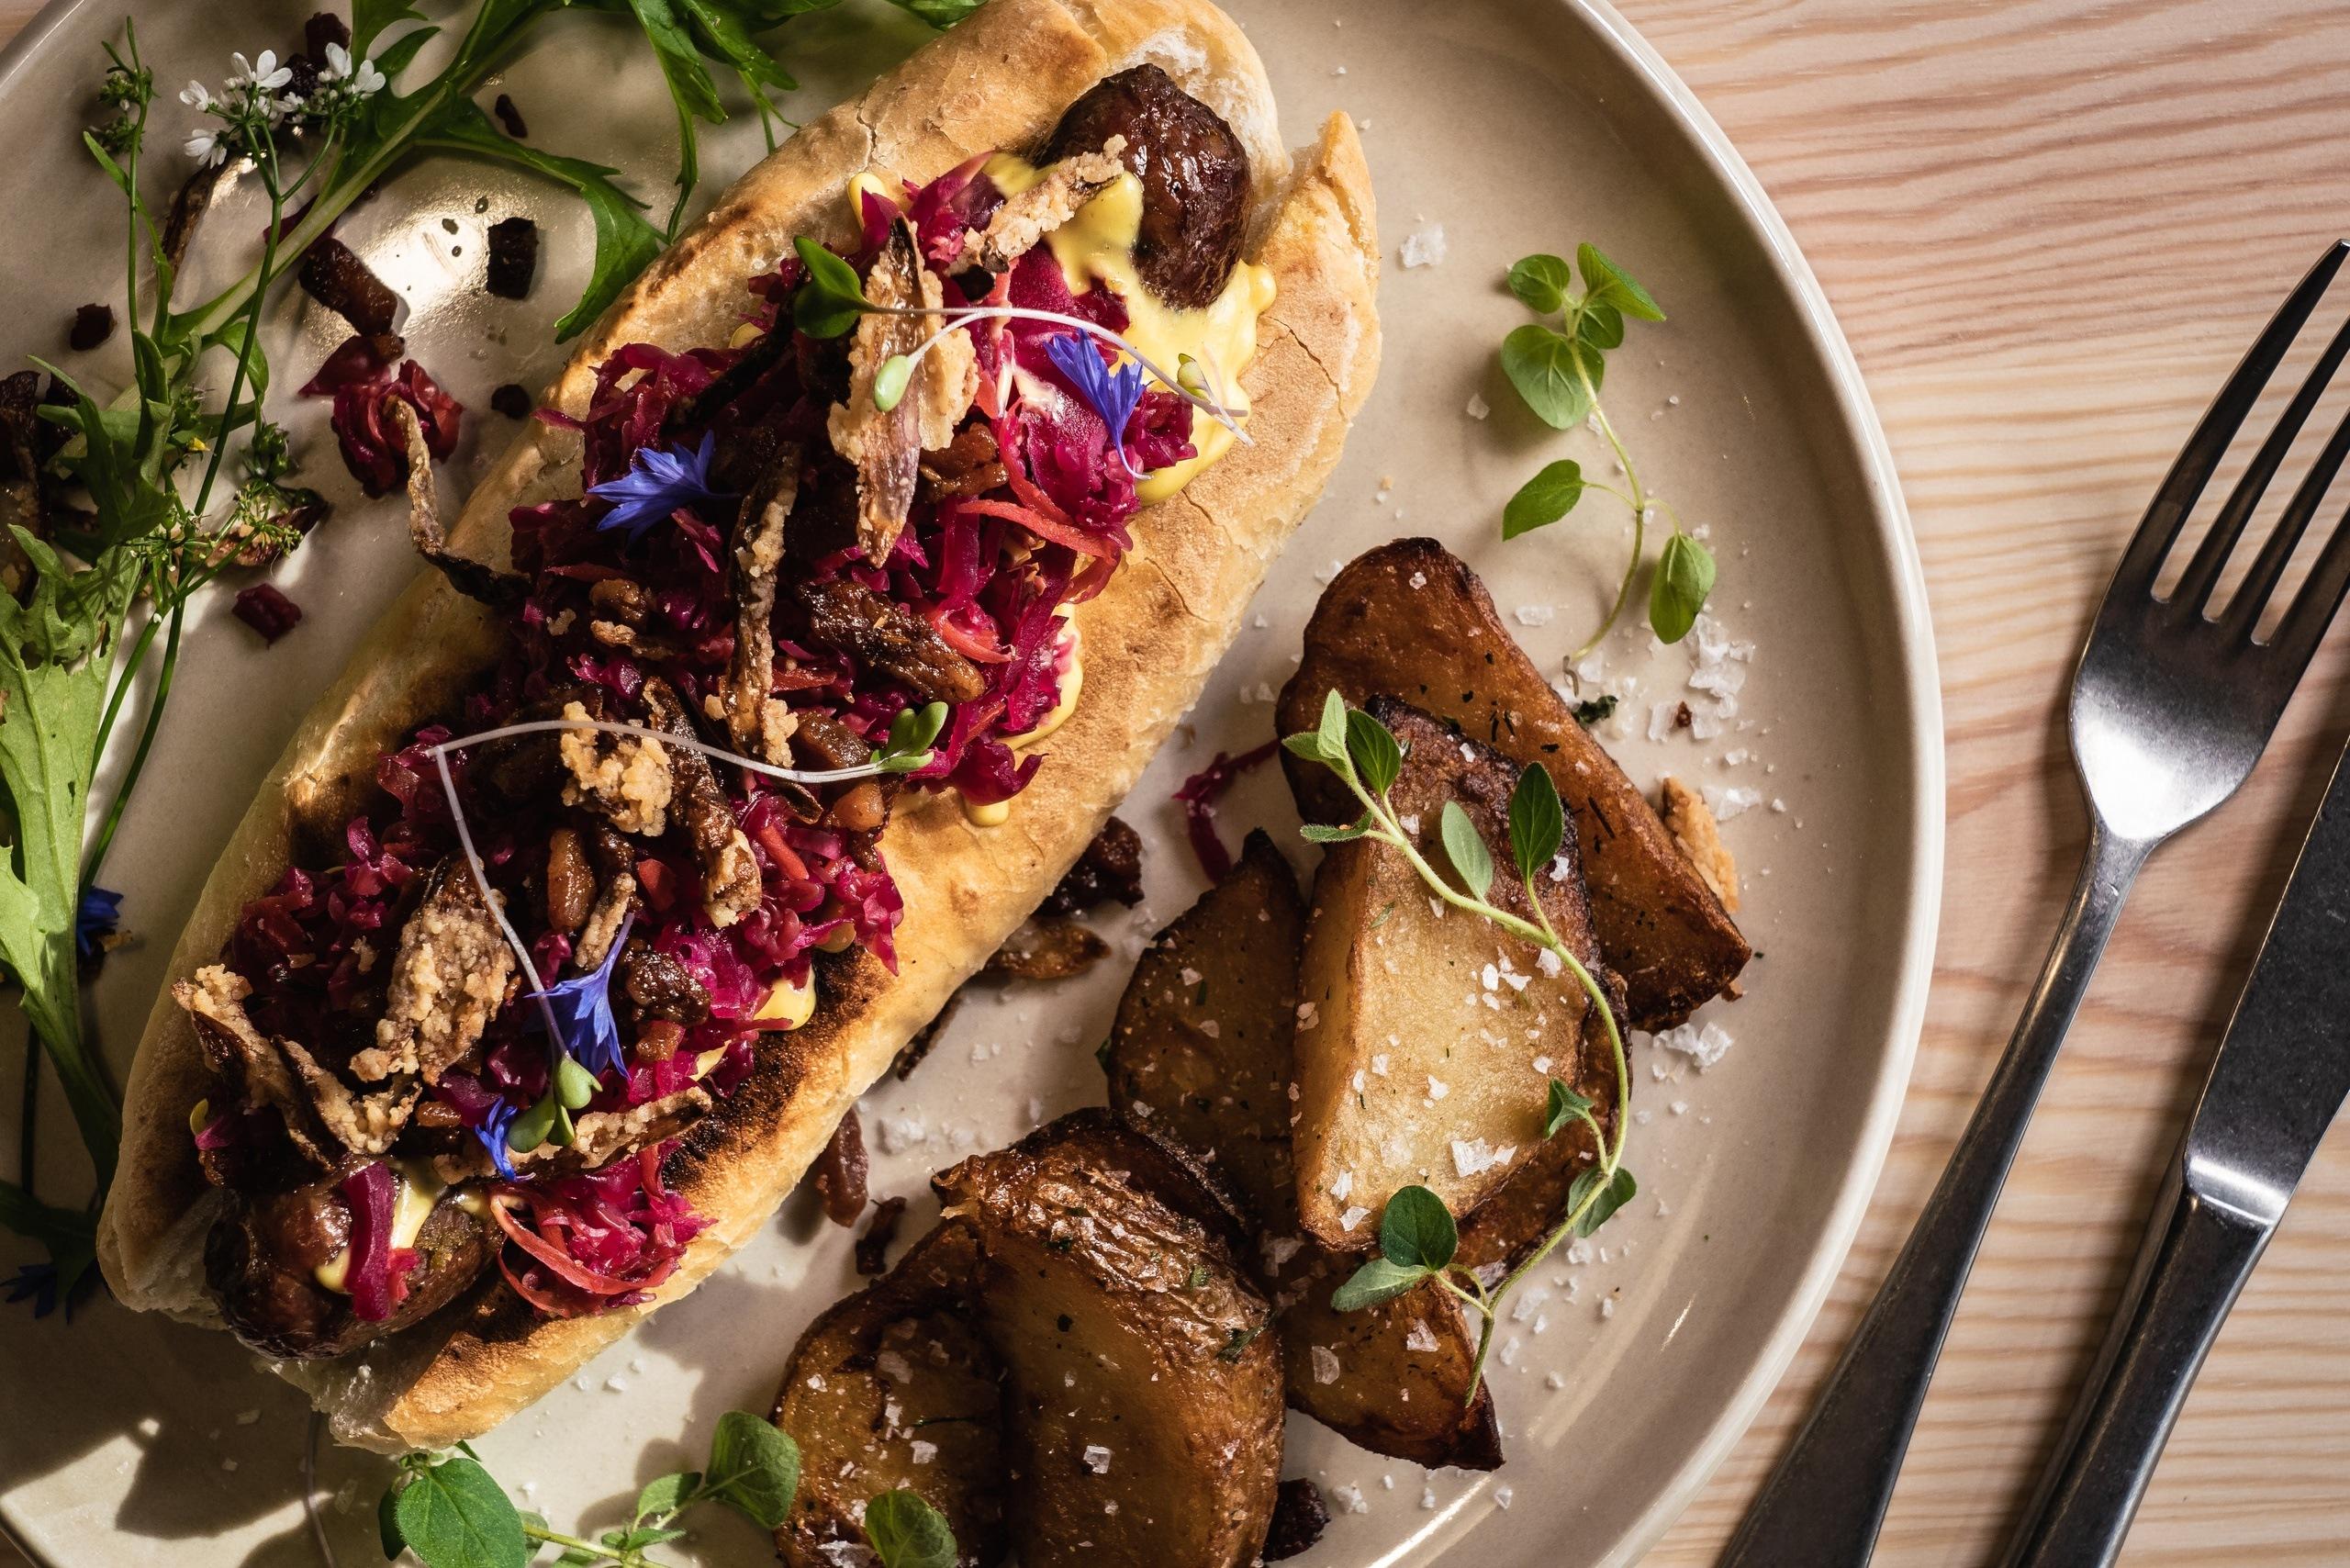 Vår eiga pølse med kjøt frå Smalahovetunet. Hangurstoppen Restaurant har stort fokus på heimelaga og lokal mat. Foto: Jon Hunnålvatn Tøn